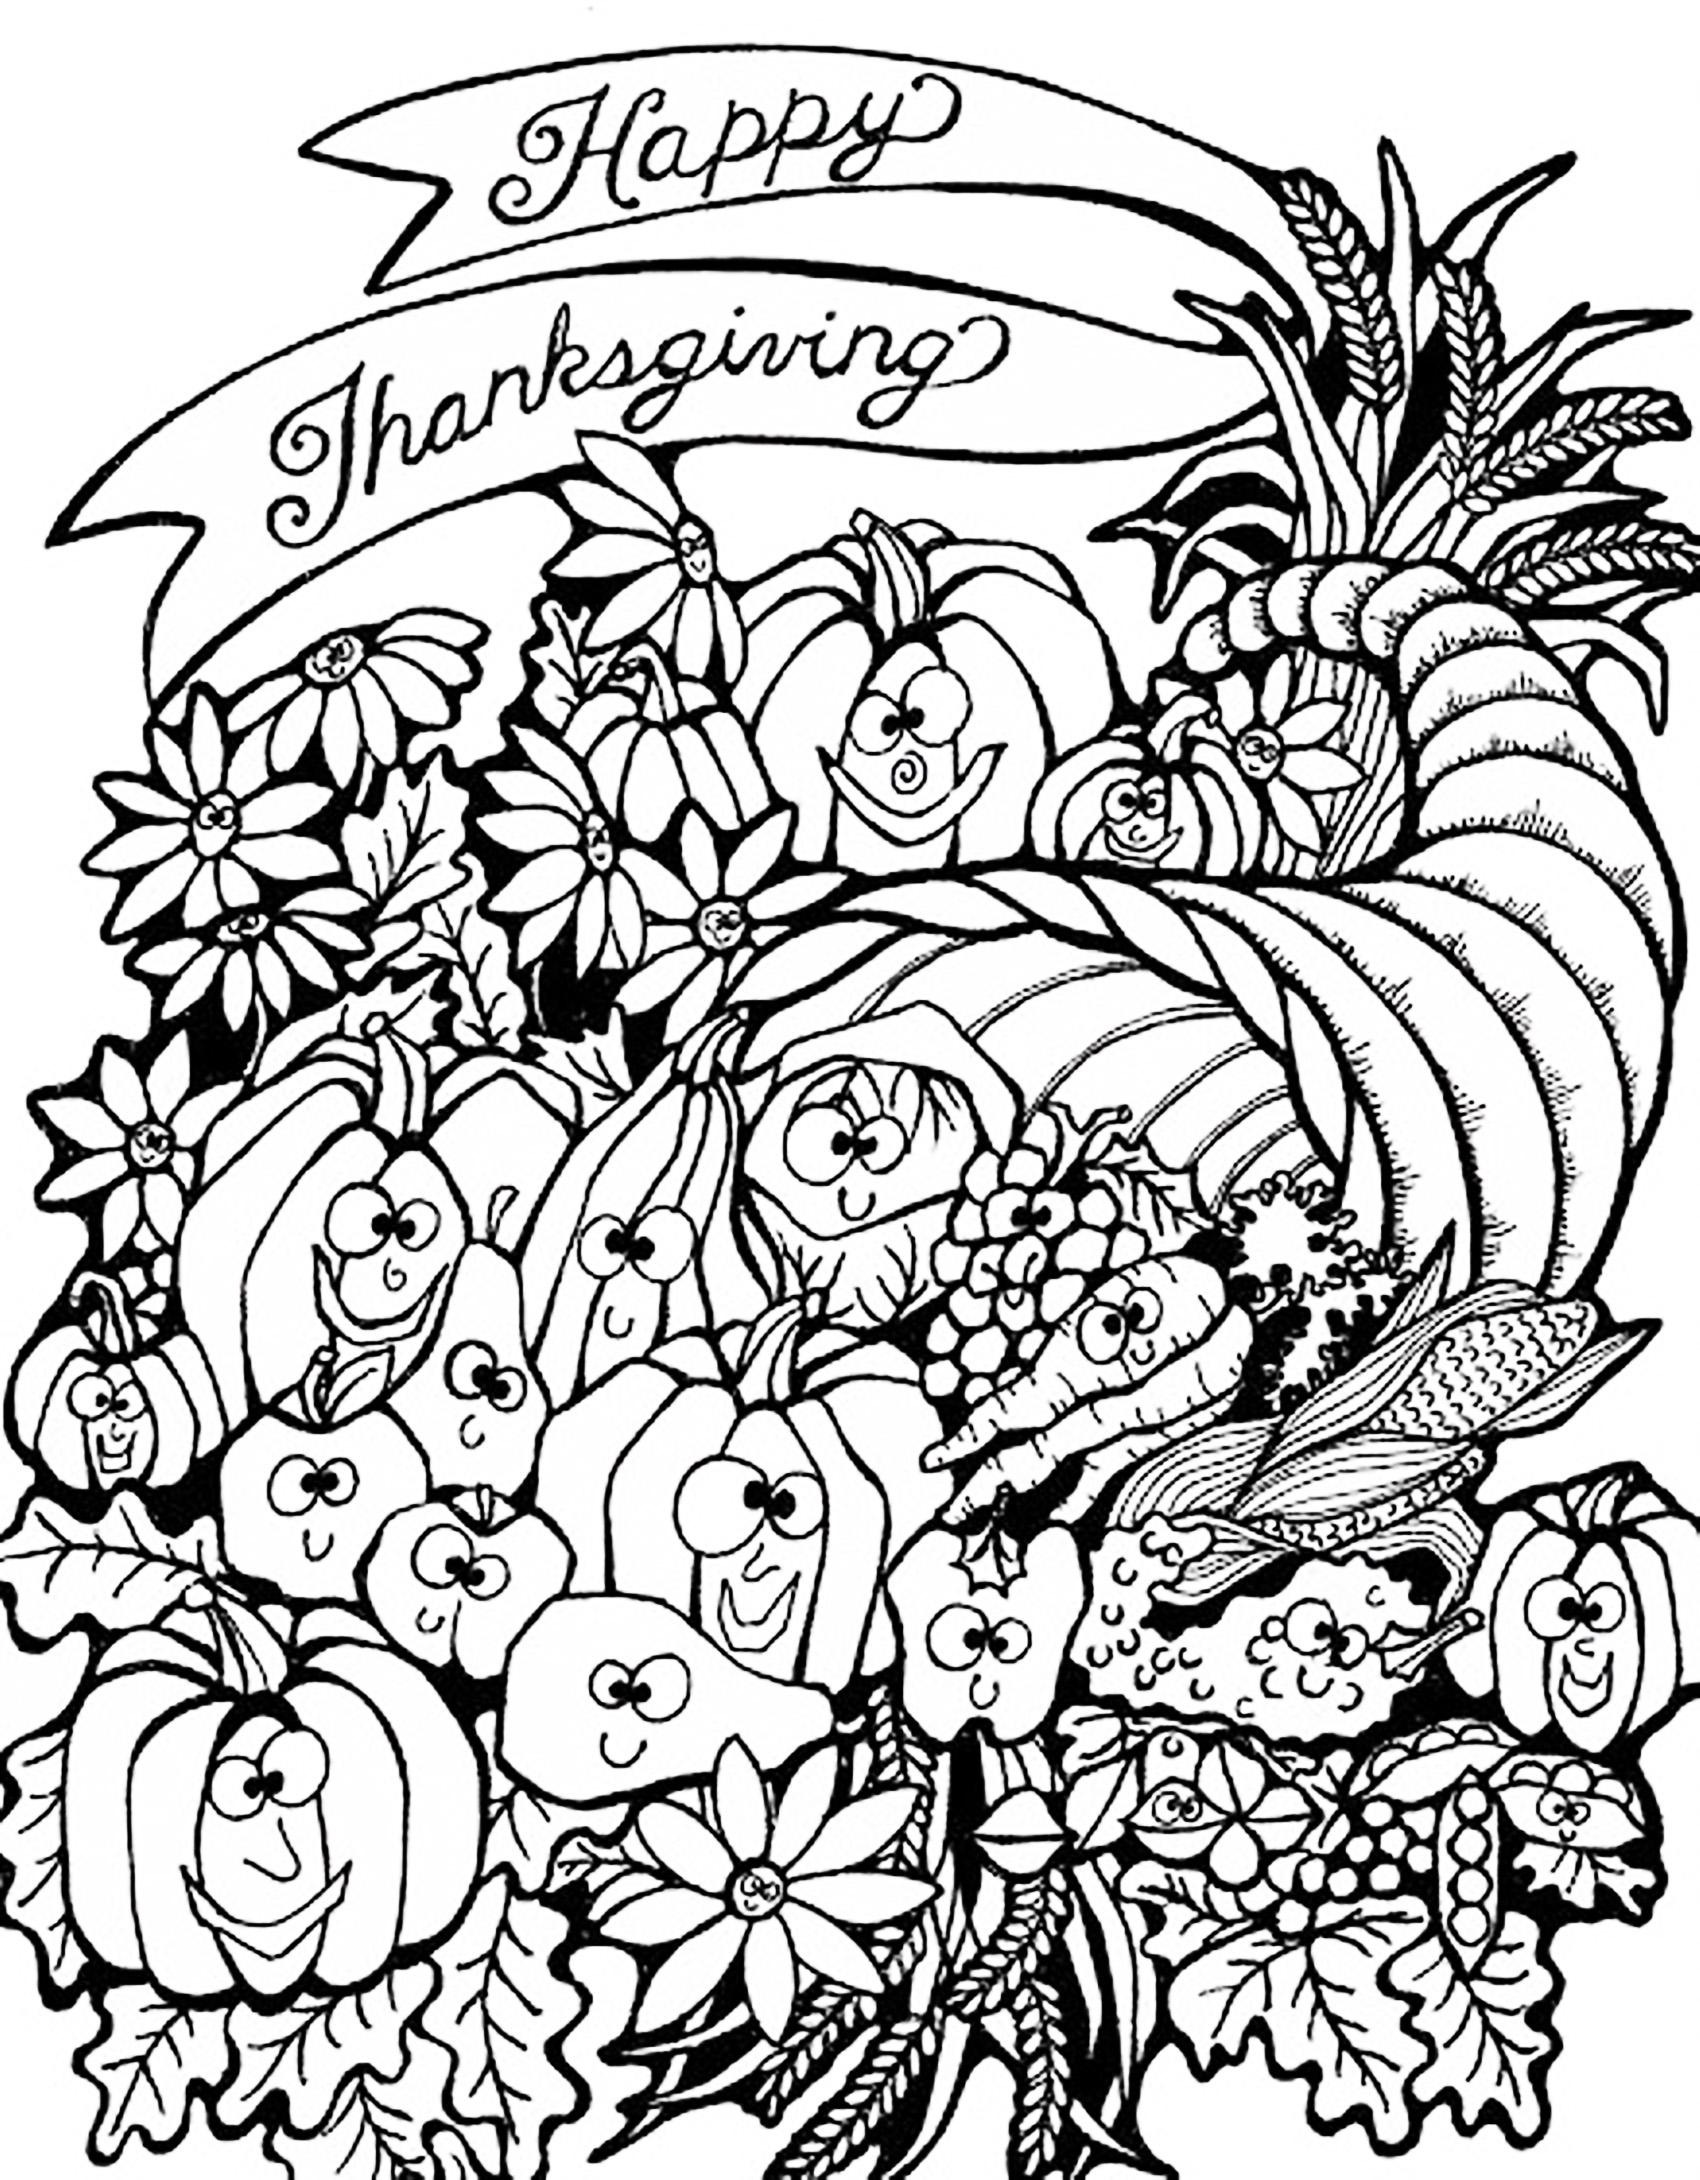 Colorear para adultos : Thanksgiving - 7